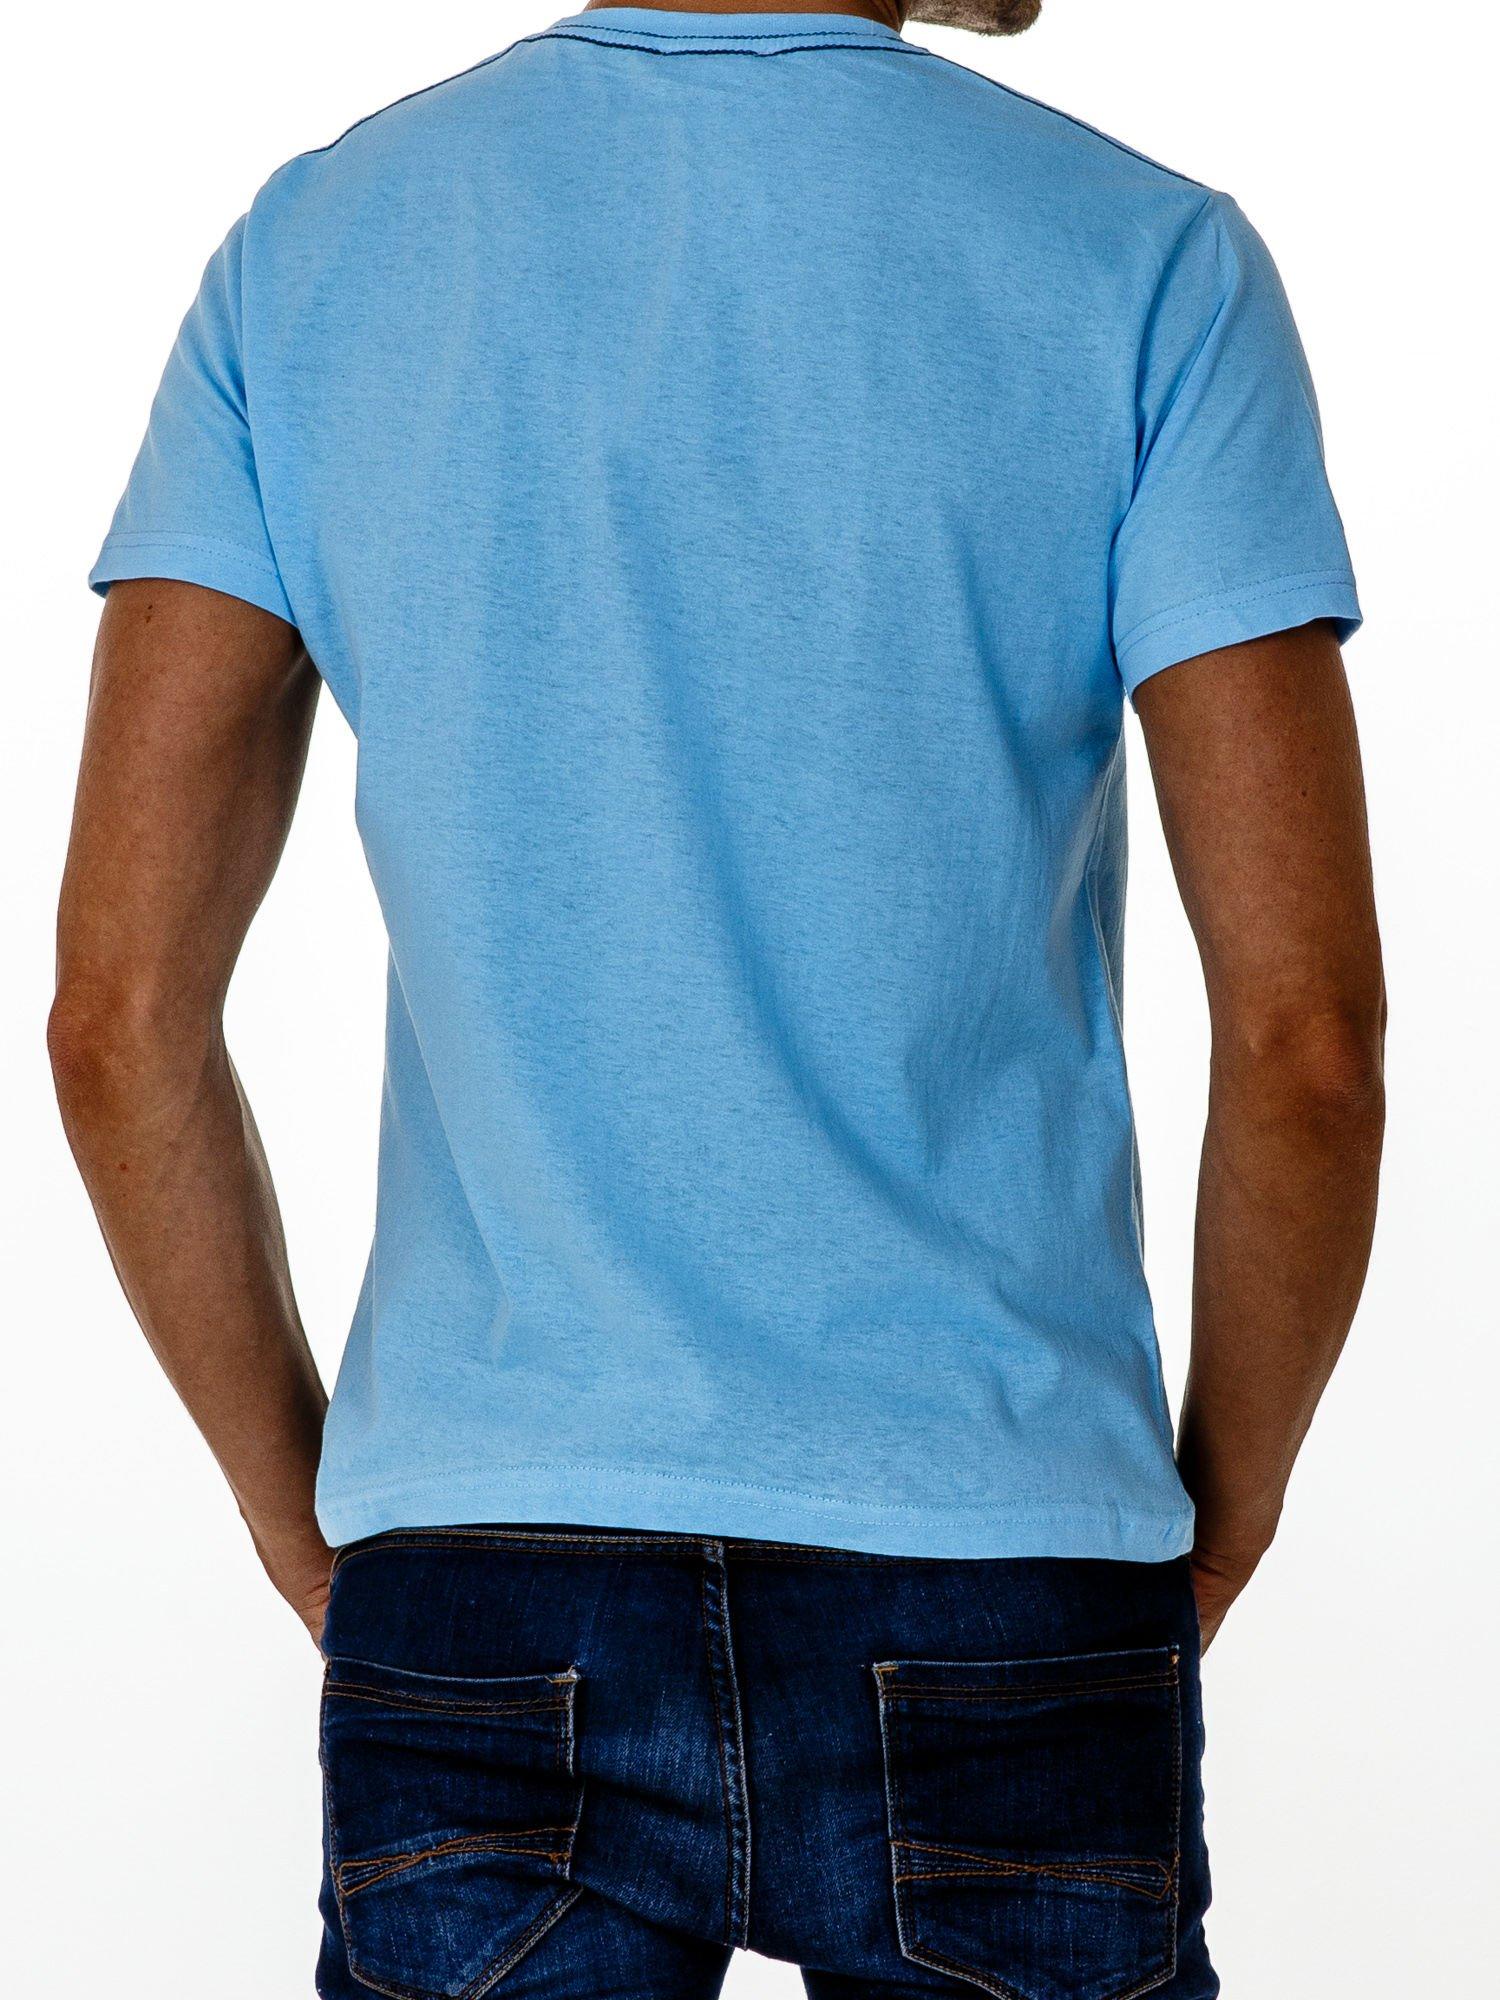 Jasnoniebieski t-shirt męski z nadrukiem i napisem ONE                                  zdj.                                  2